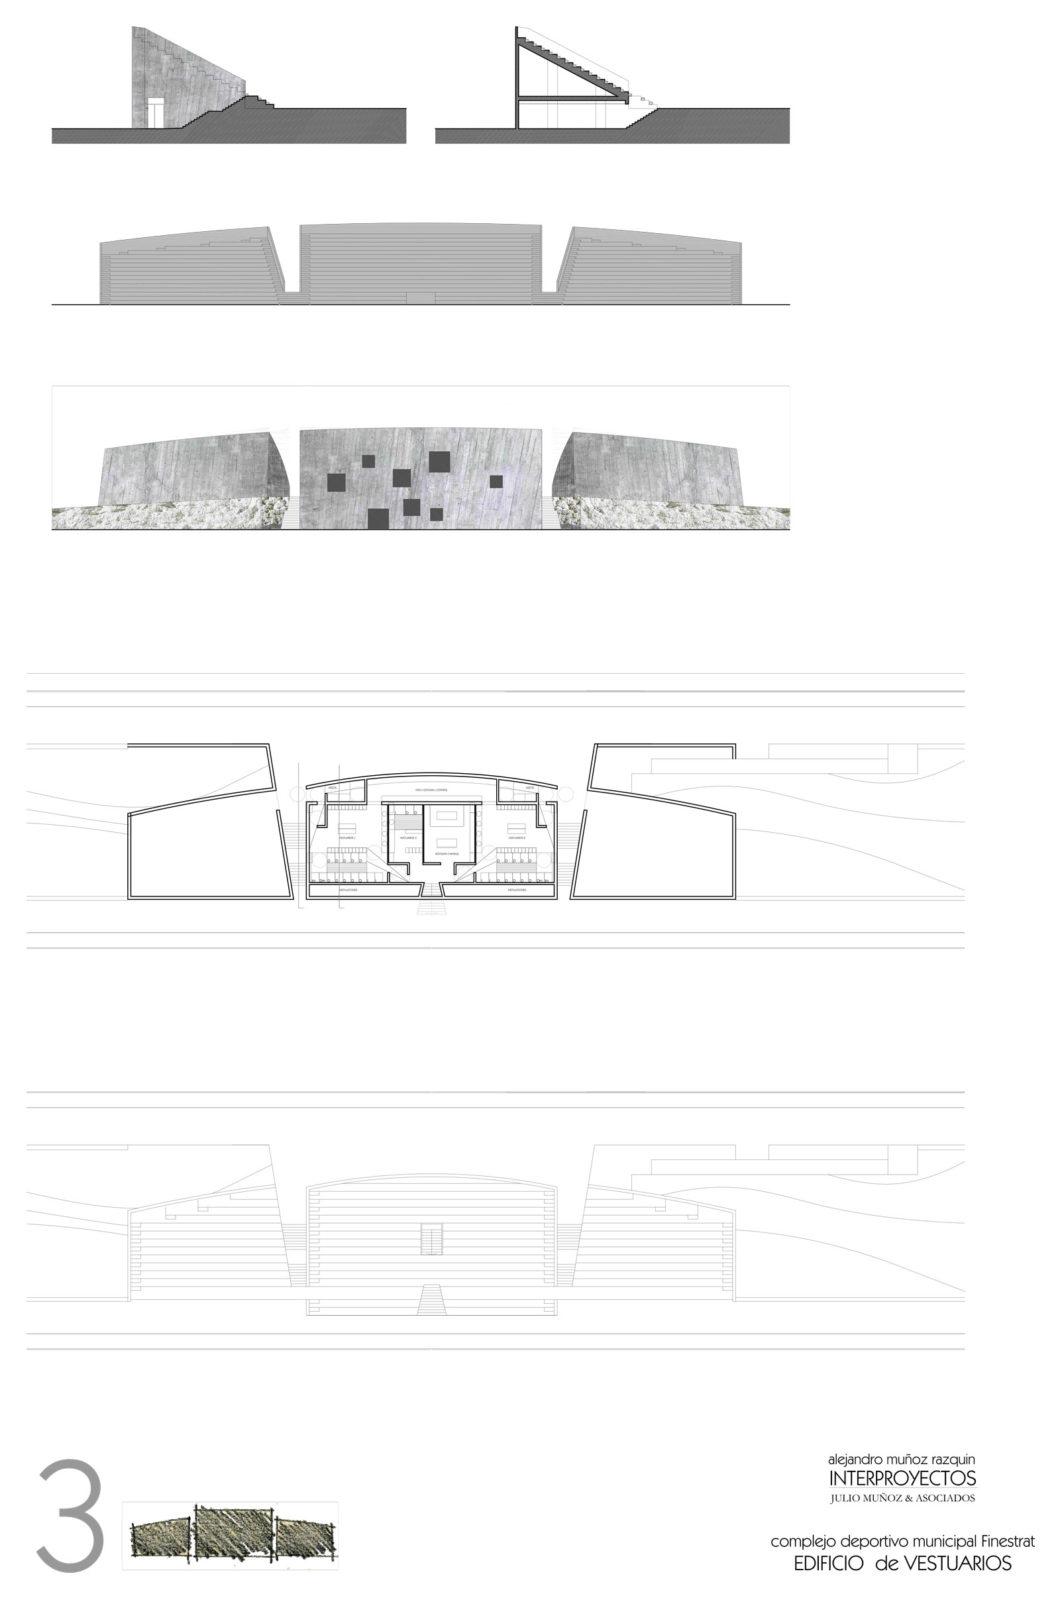 Planos técnicos de proyecto arquitectónico. Vestuarios y campo de fútbol de Finestrat